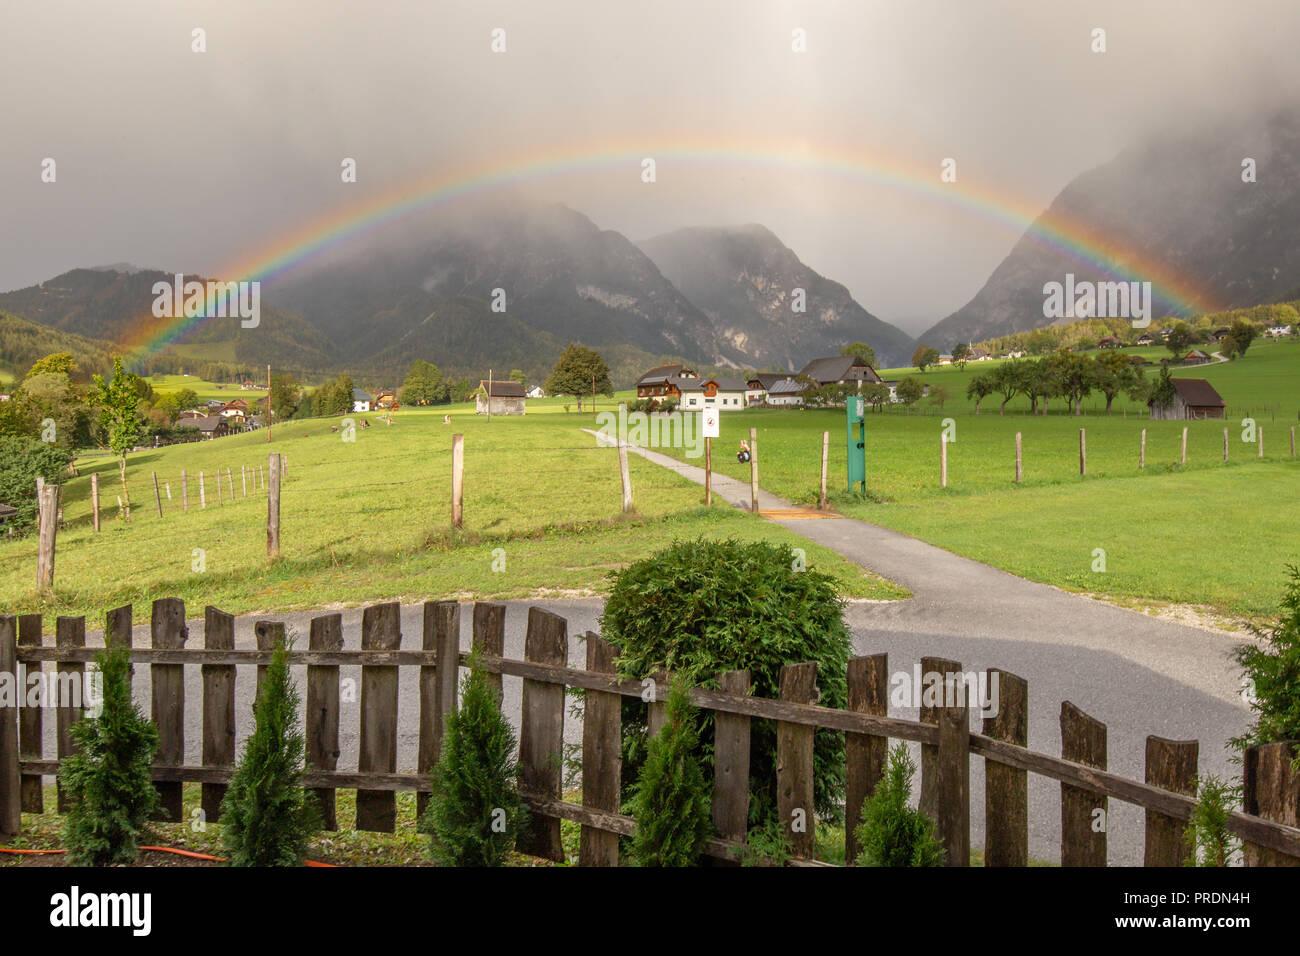 Regenbogen im Herbst, Gröbming Steiermark Österreich Stockbild